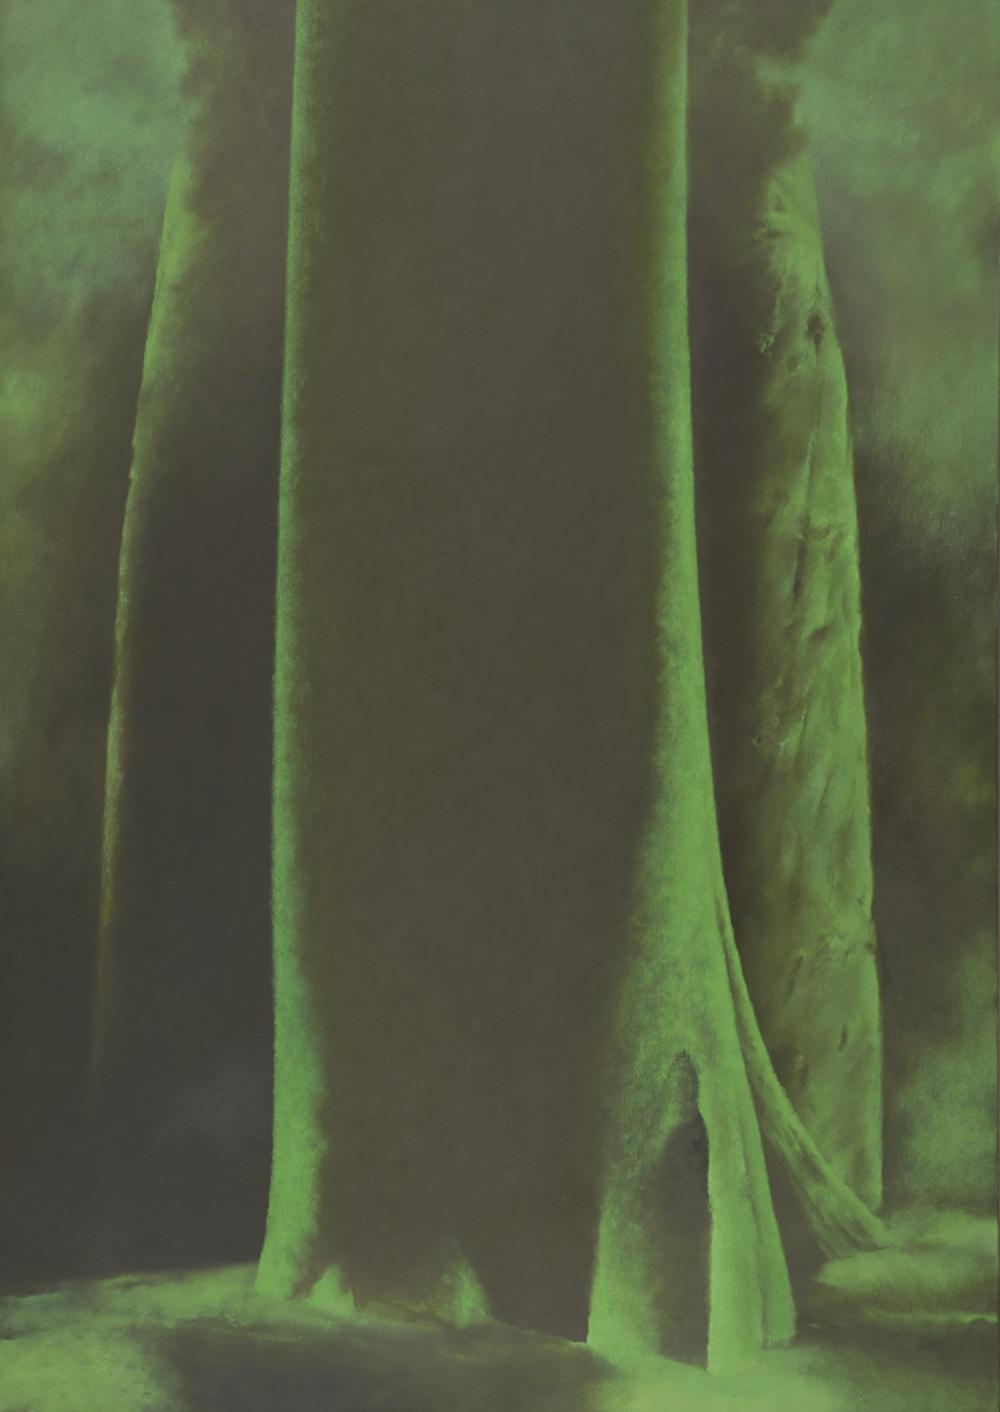 Tryptique arbre au centre / J Le Brusq © Musées de Vannes